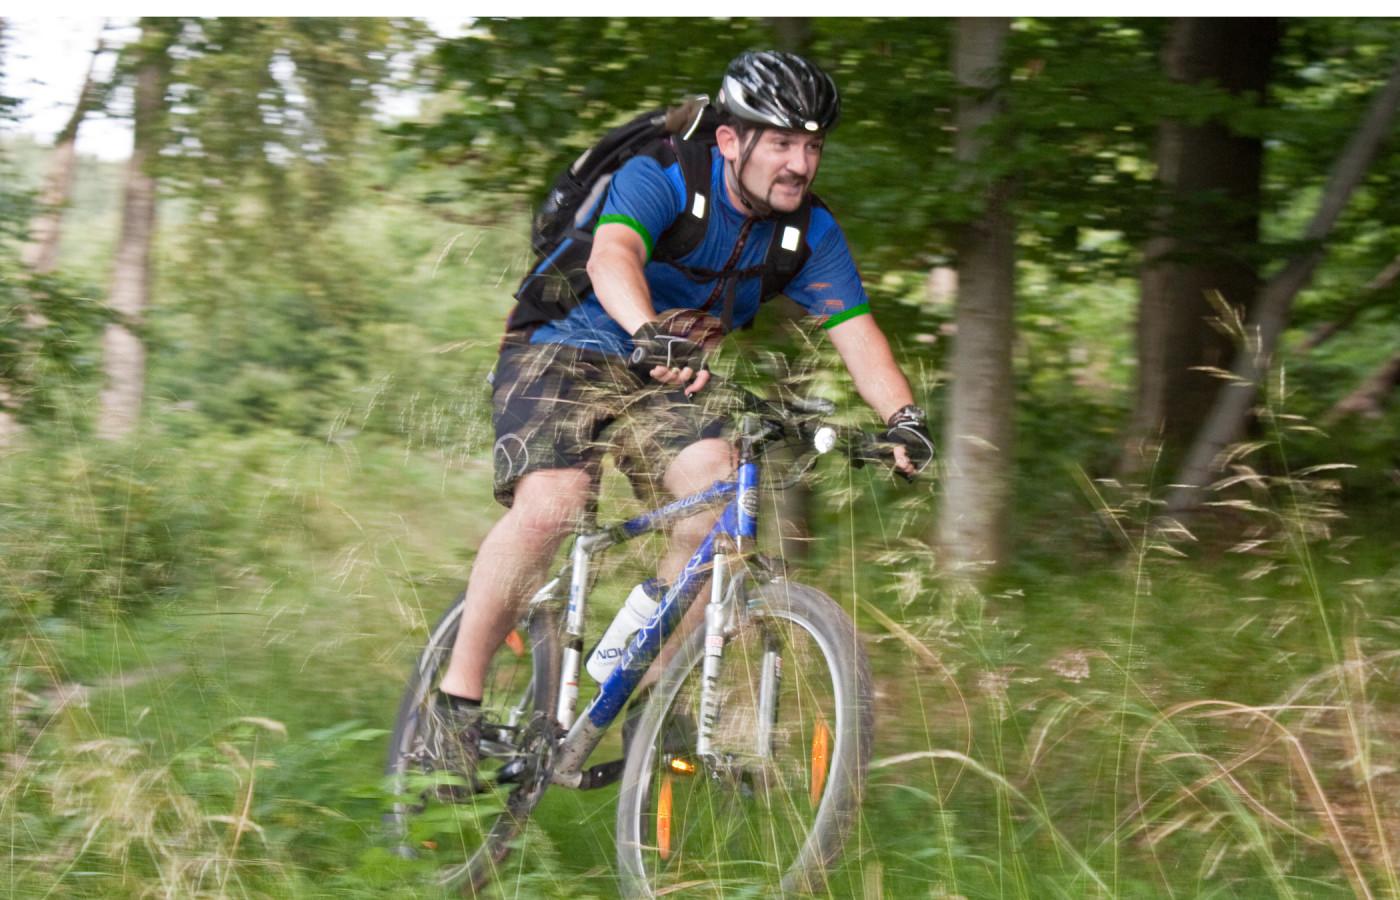 Biken Sport Freizeit